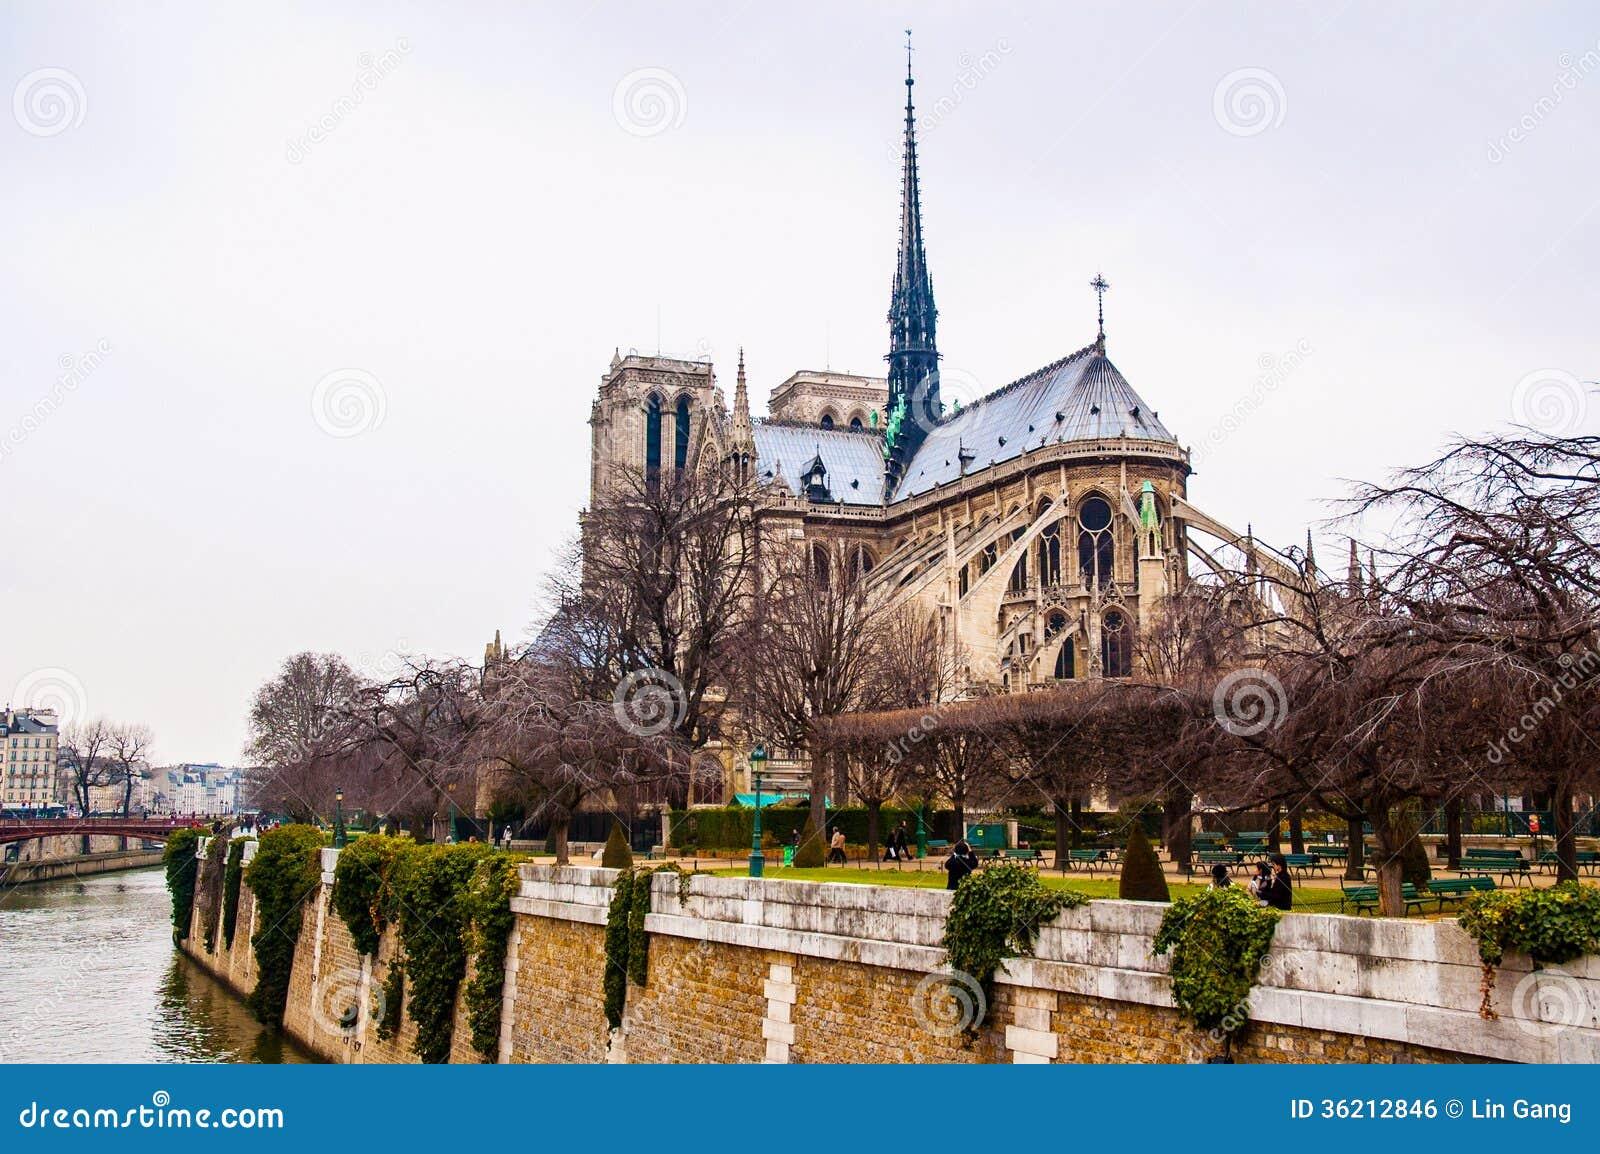 巴黎圣母院大教堂,法国.